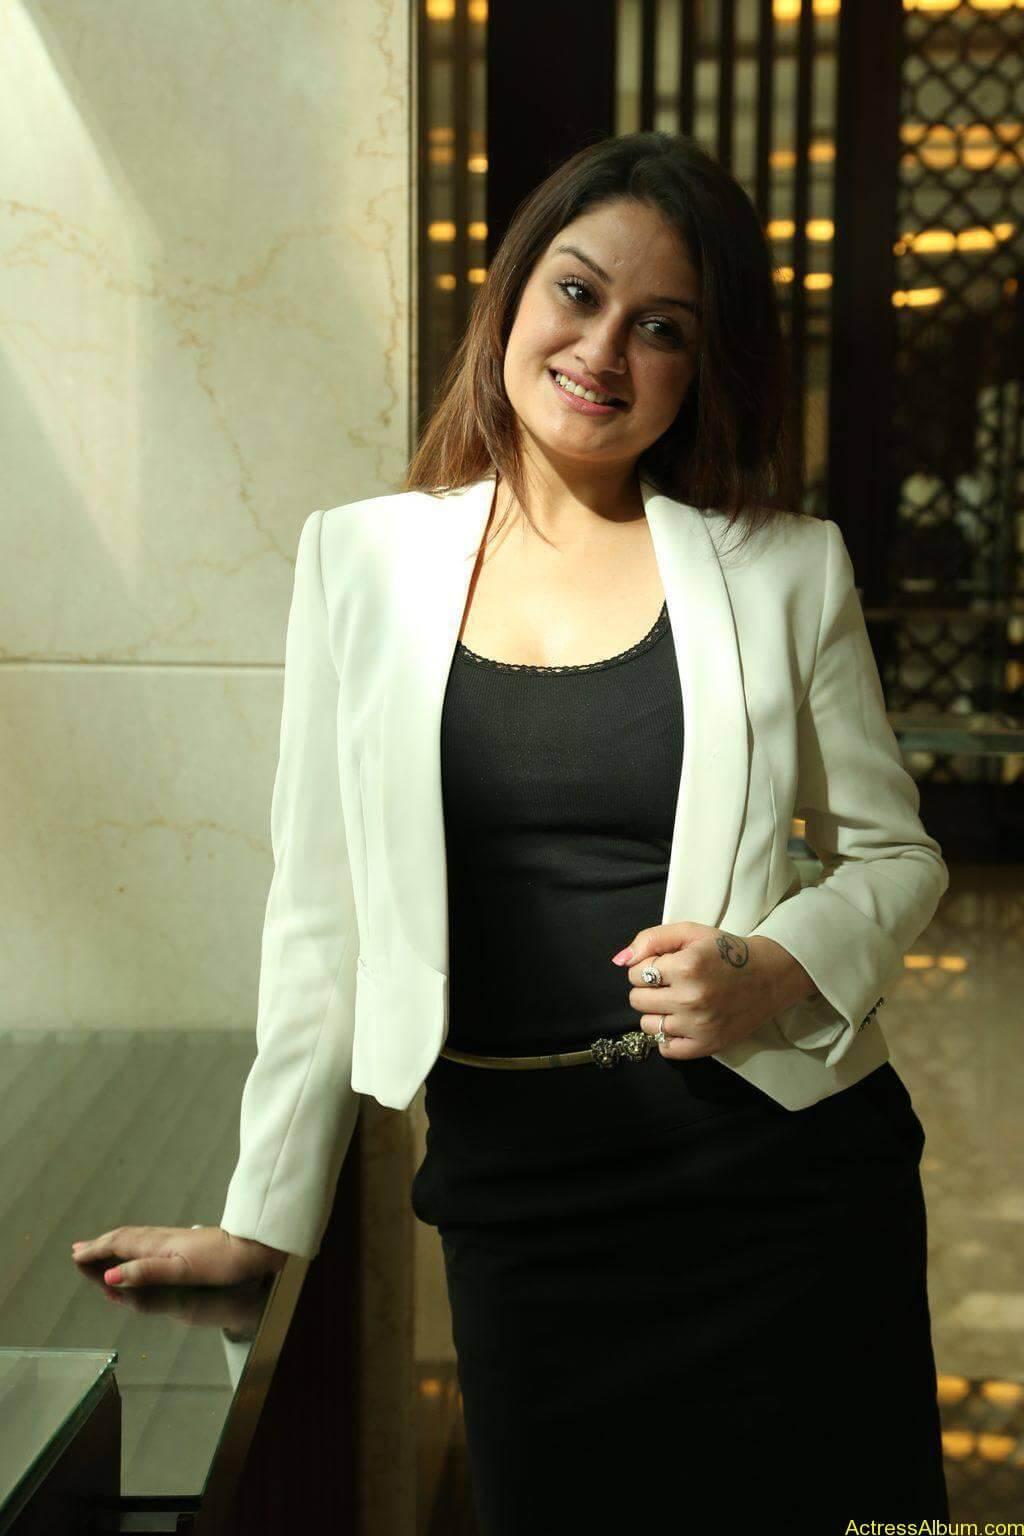 Sonia-Agarwal-Stills-At-Chennai-Fashion-Week-Press-Meet-05